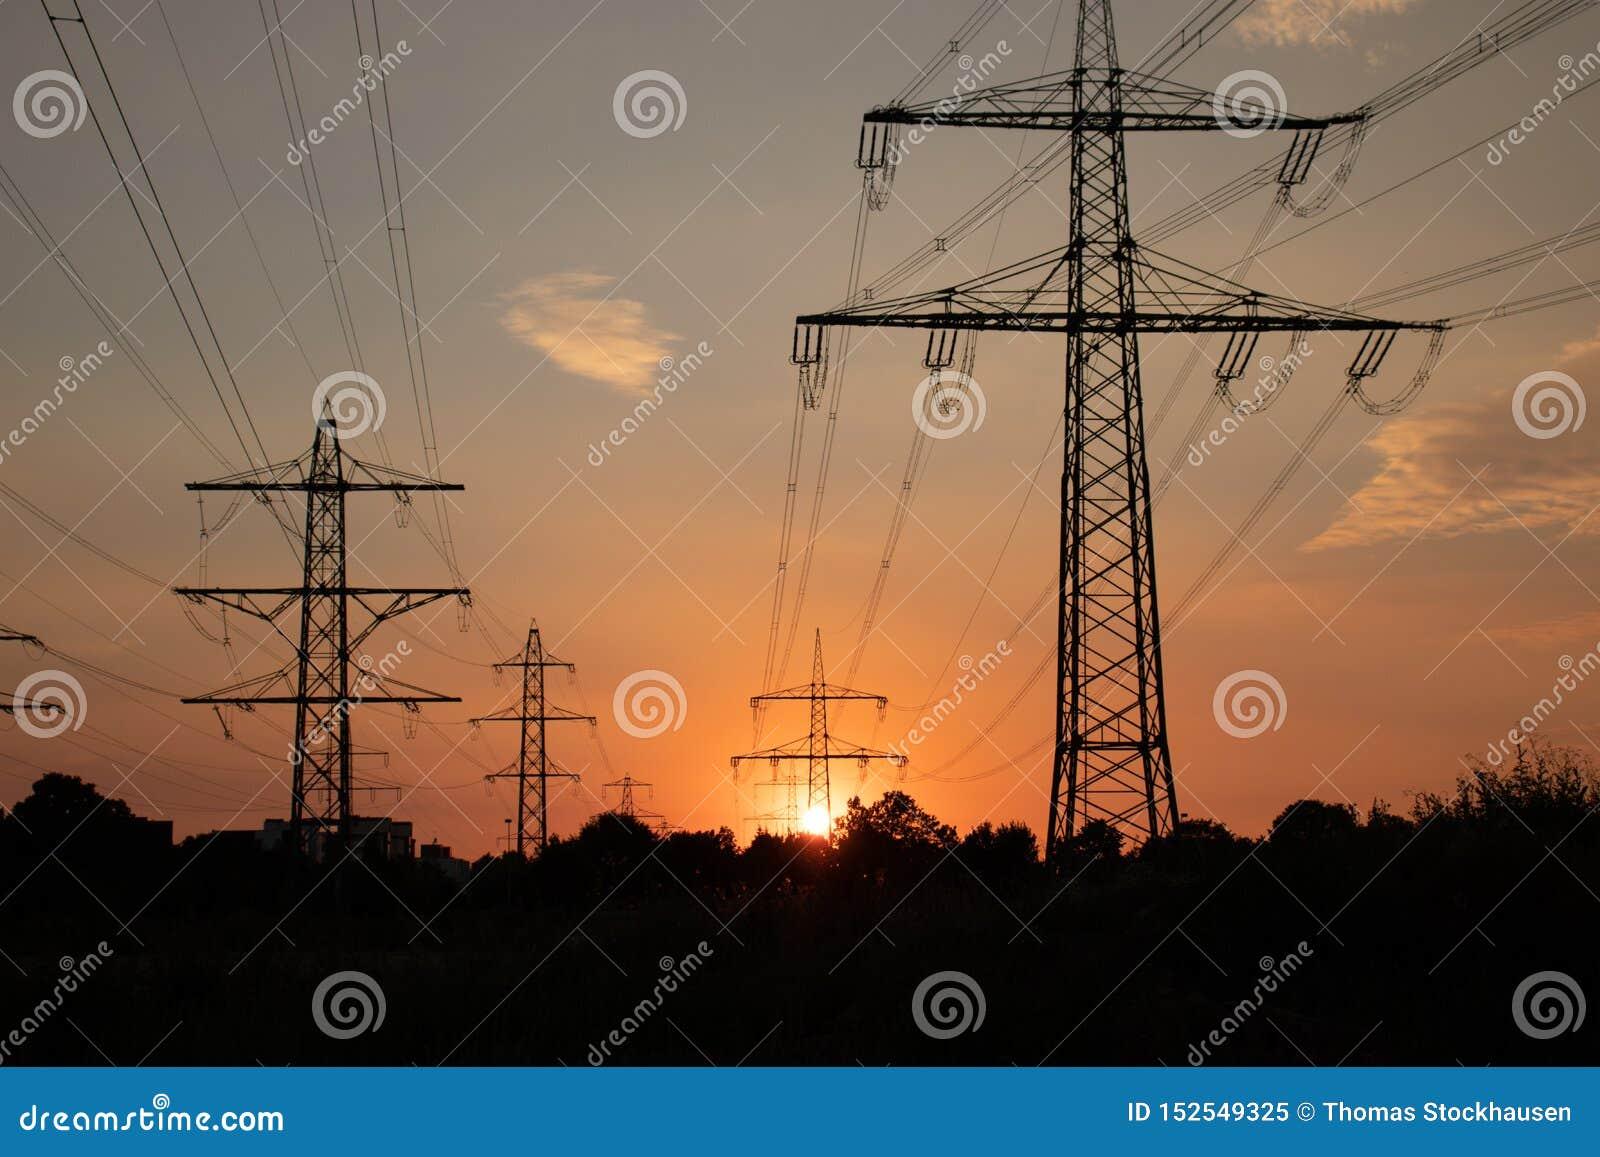 Hoogspanningslijn, energie voor mensen, bij zonsondergang